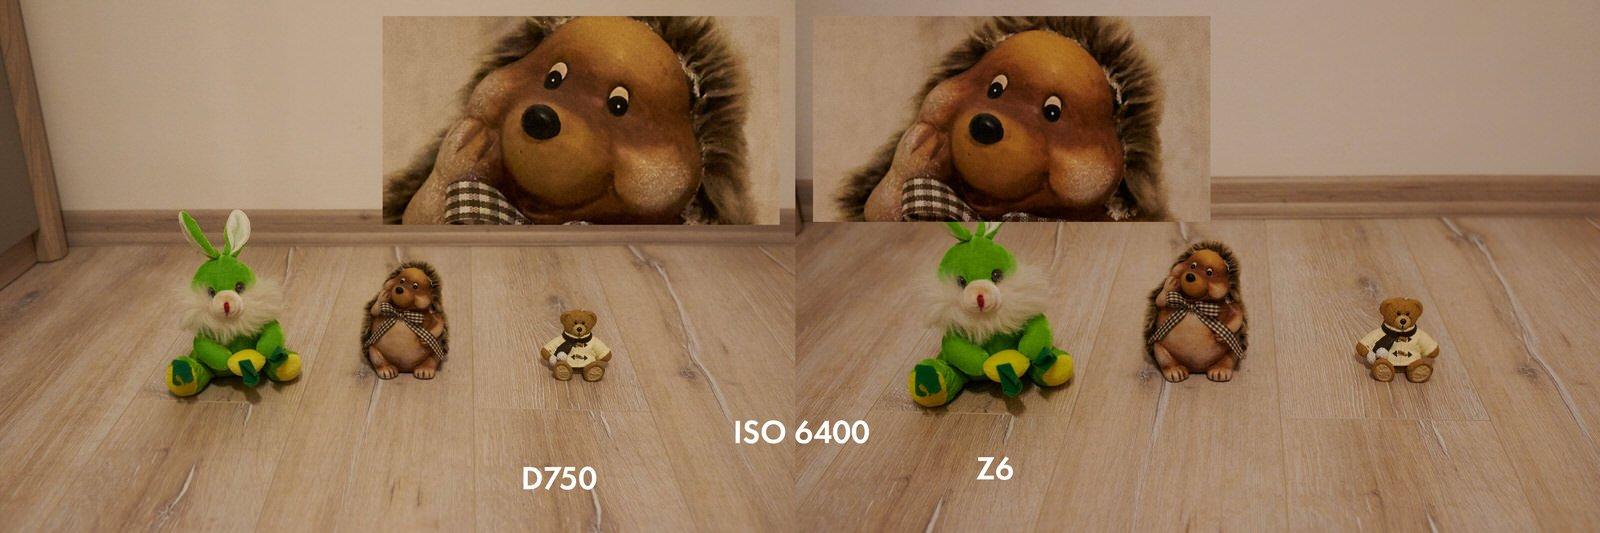 Recenzja Nikon Z6 w fotografii ślubnej | Porównanie do Nikona D750 13